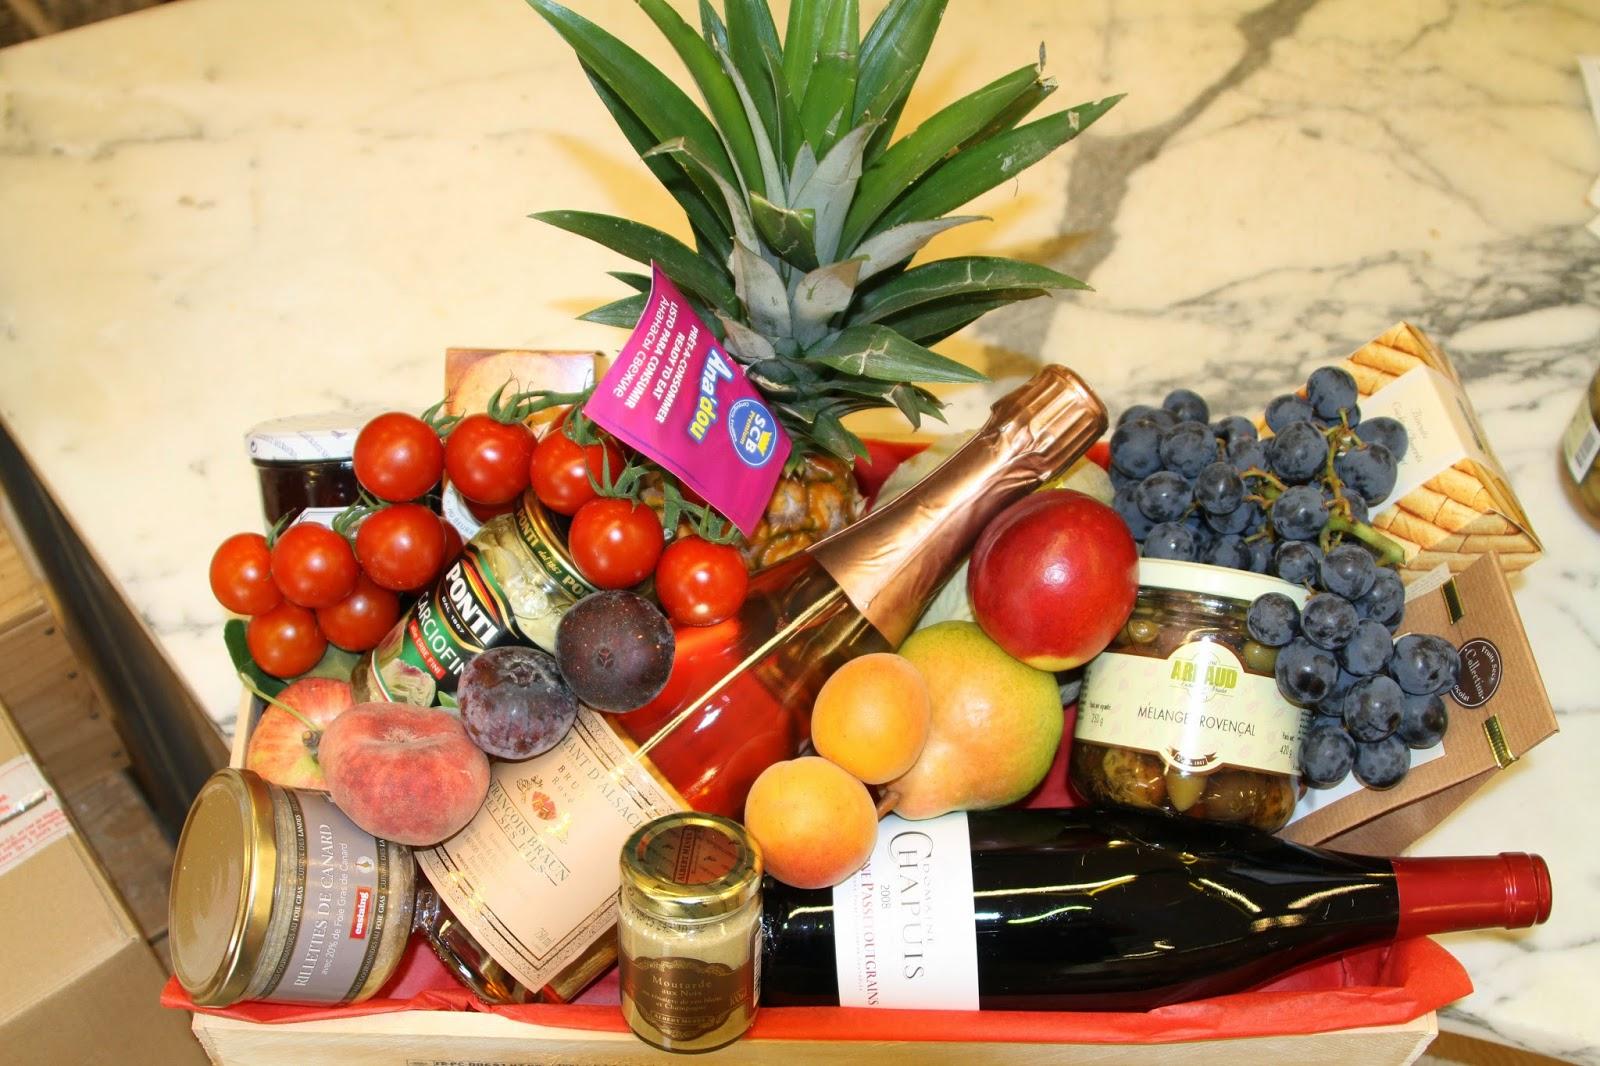 Offrir une corbeille de fruits au frais march thann - Corbeille de fruits a domicile ...